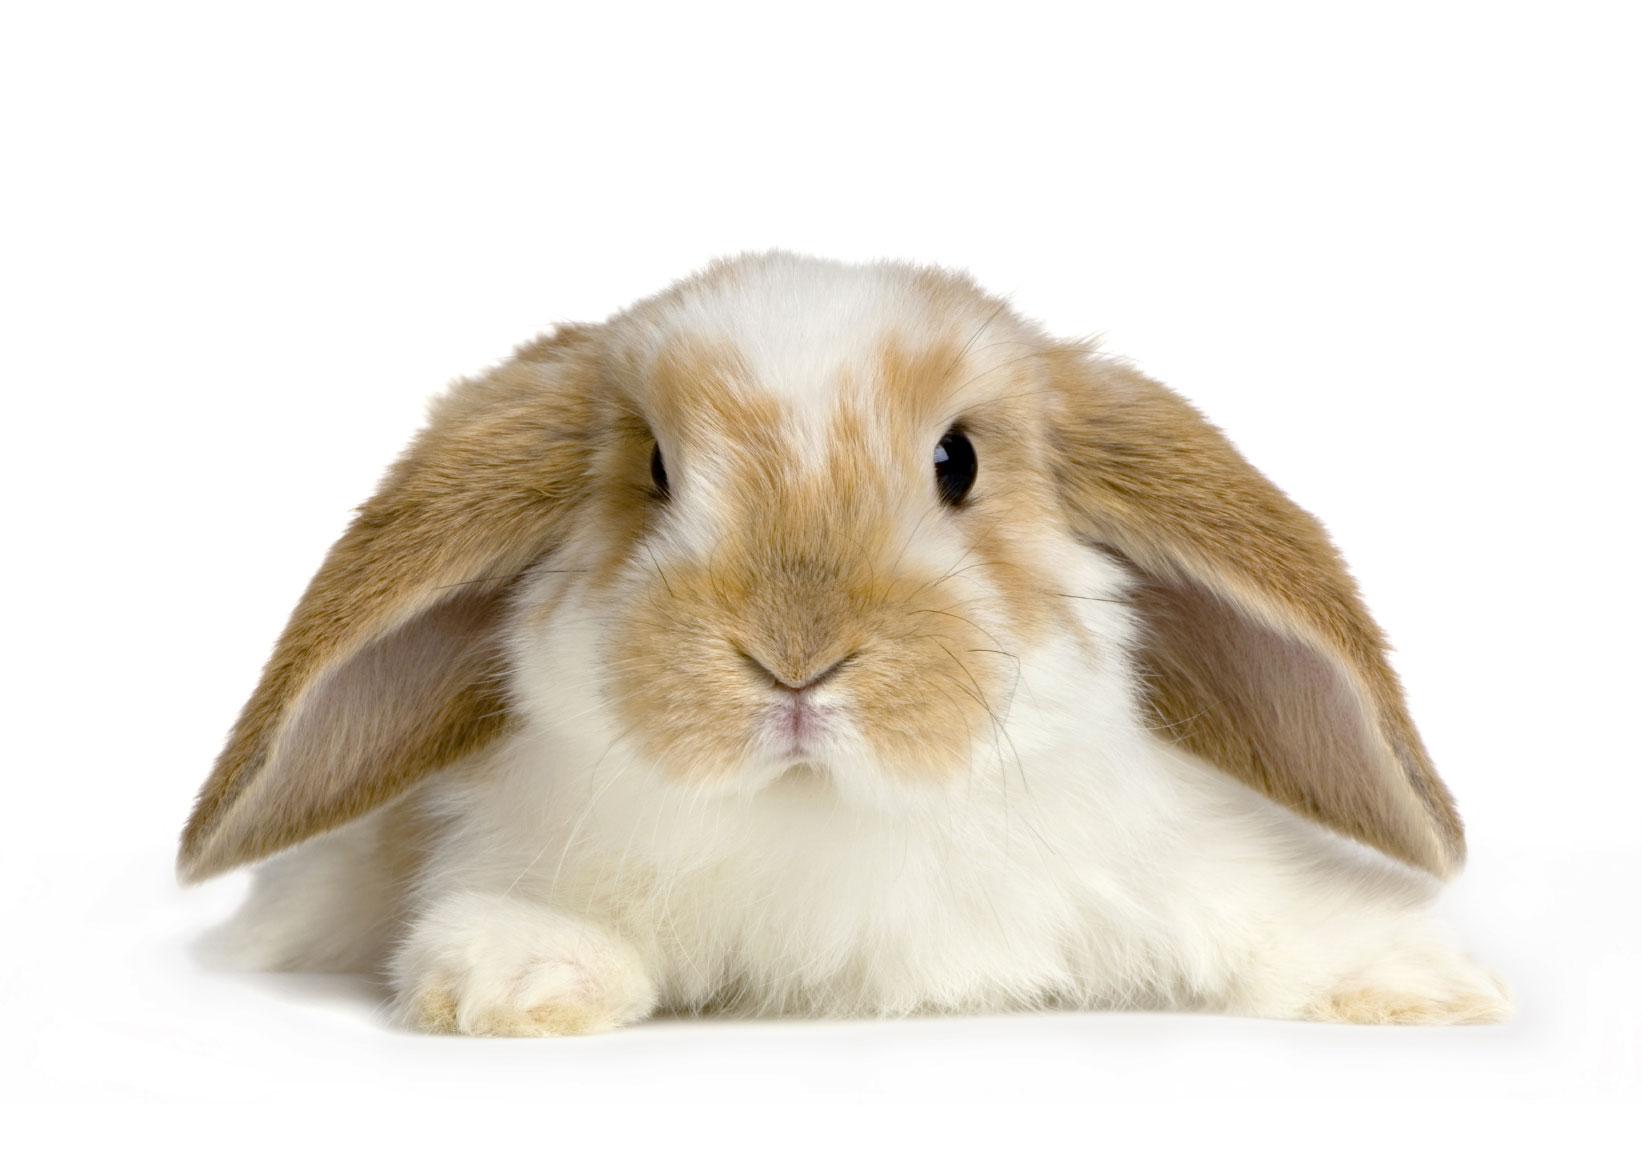 A wabbit